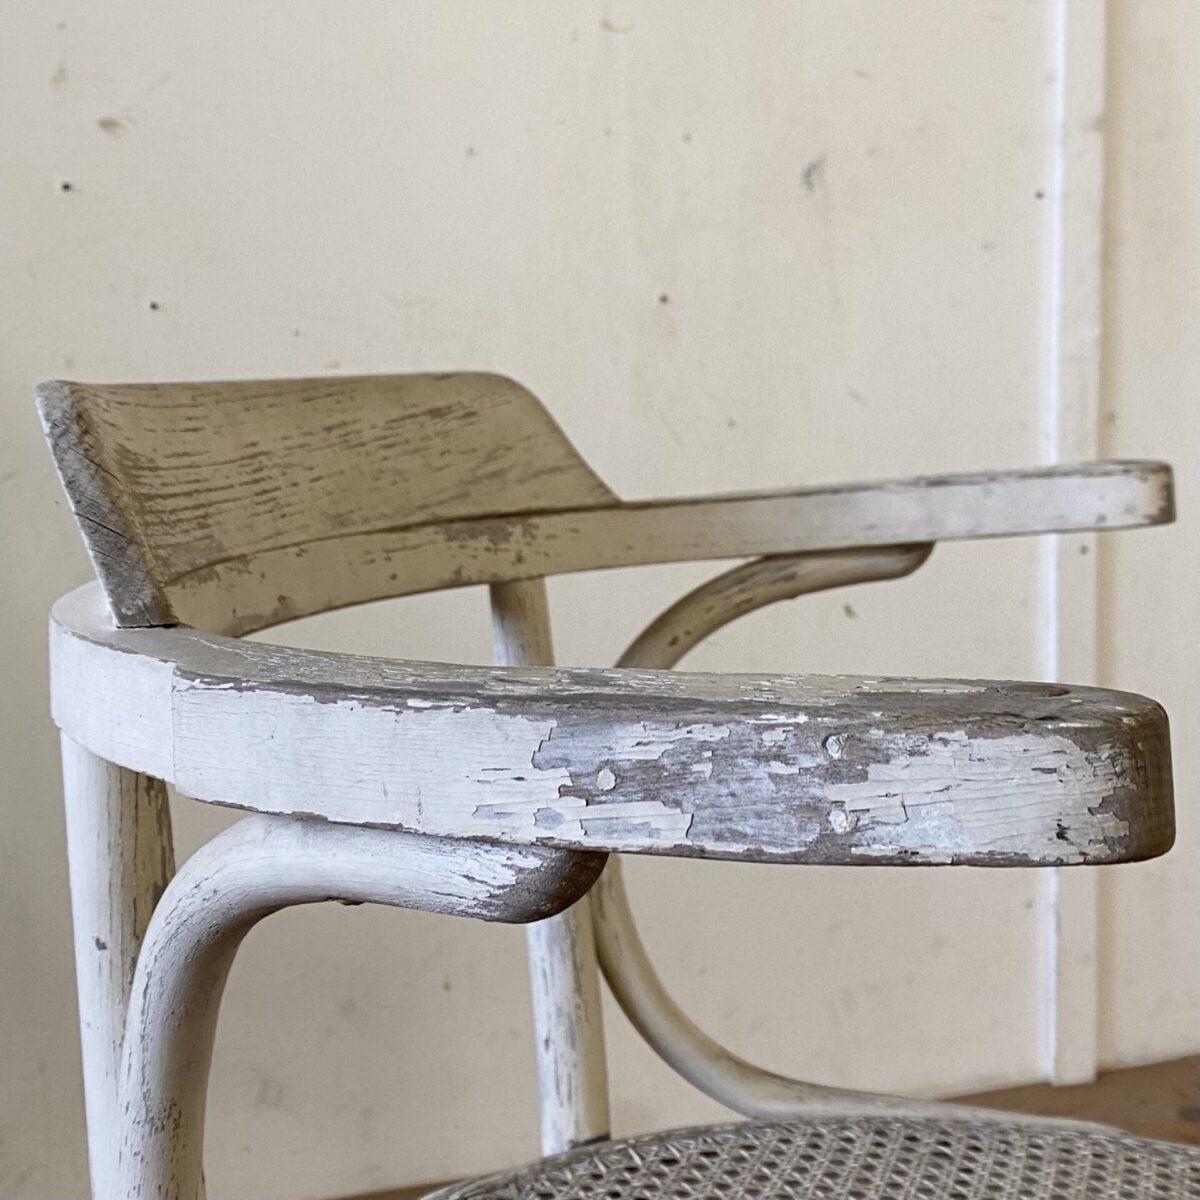 Deuxieme.shop Thonet Armlehnstuhl. Niedriger Wiener Stuhl mit Armlehnen und Rohr-Geflecht. Durchmesser 53cm Sitzhöhe 40.5cm. Der Sessel ist in stabilem leicht überarbeiteten Zustand. Das Wiener Geflecht, welches durch den Holzrahmen geflochten ist, ist intakt. Ein Hersteller ist nicht ersichtlich.